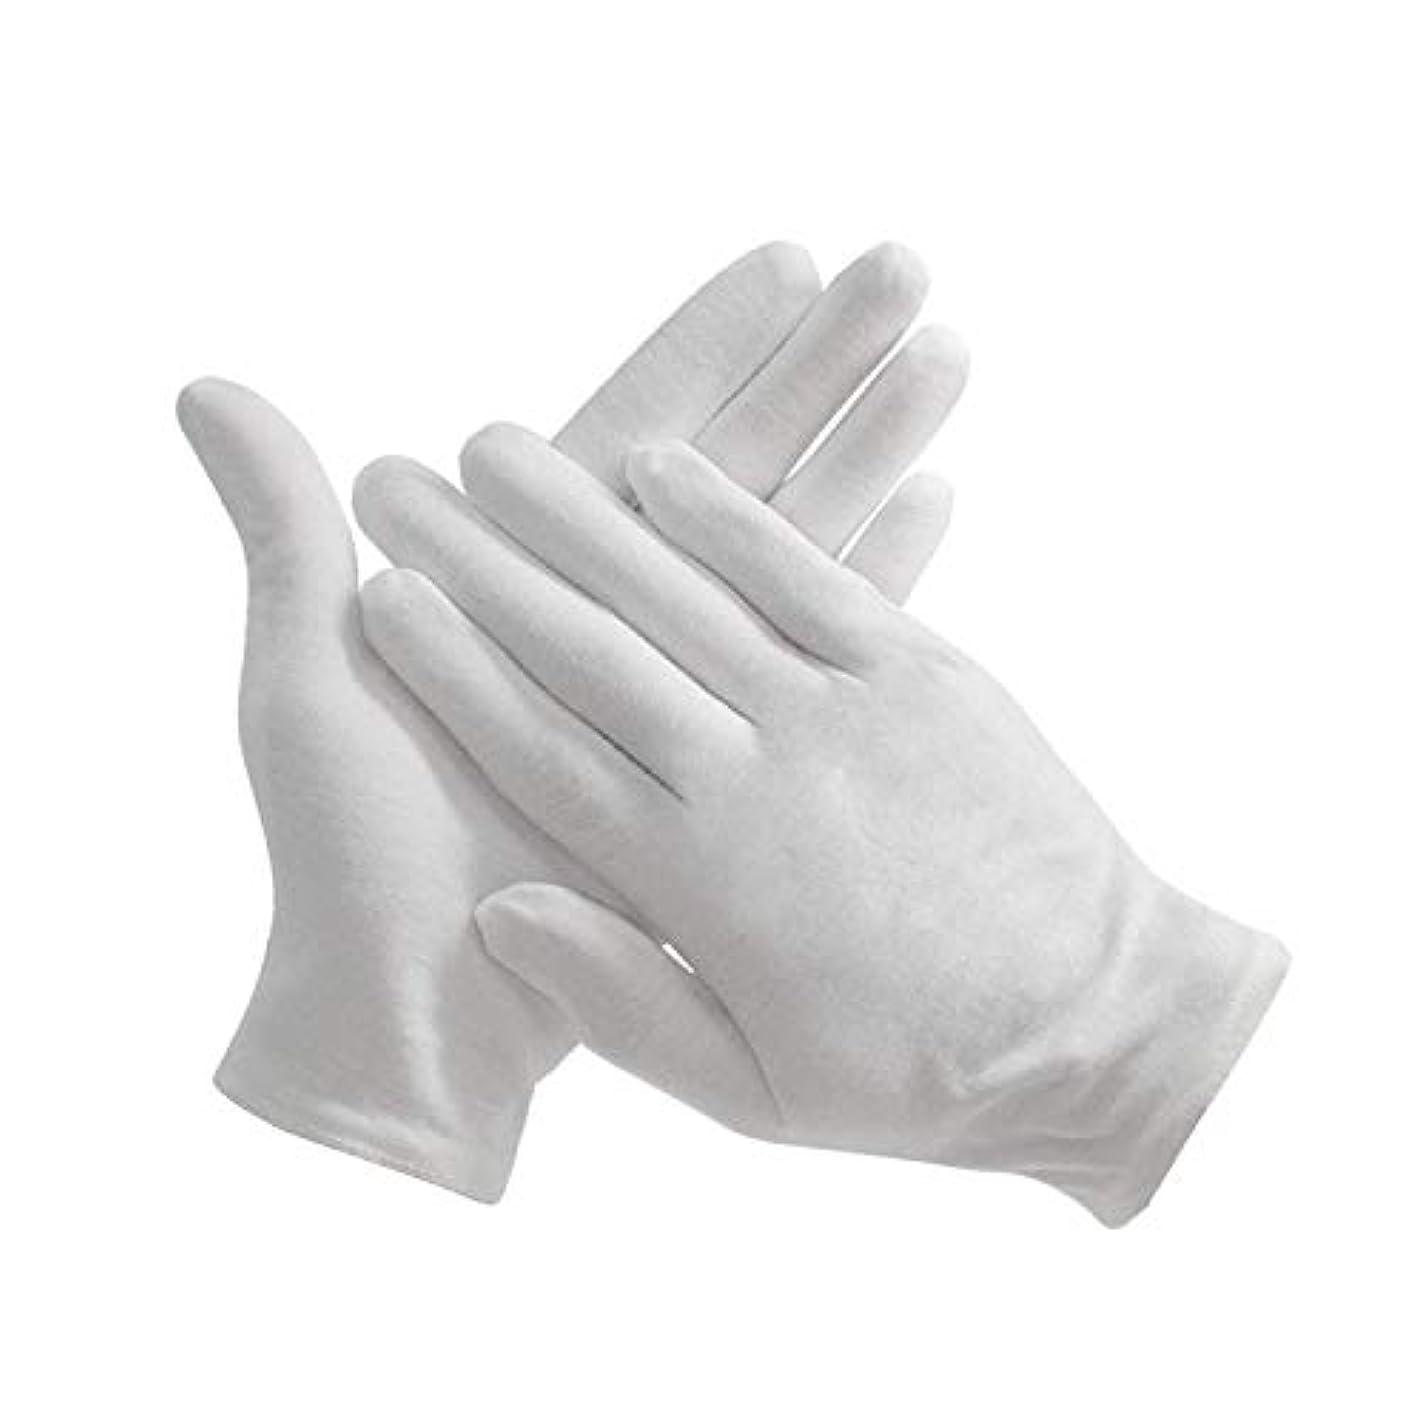 出します初期の流産12双組 手袋 綿手袋 手荒れ 純綿使い捨て 白手袋 薄手 お休み 湿疹 保湿 白手袋